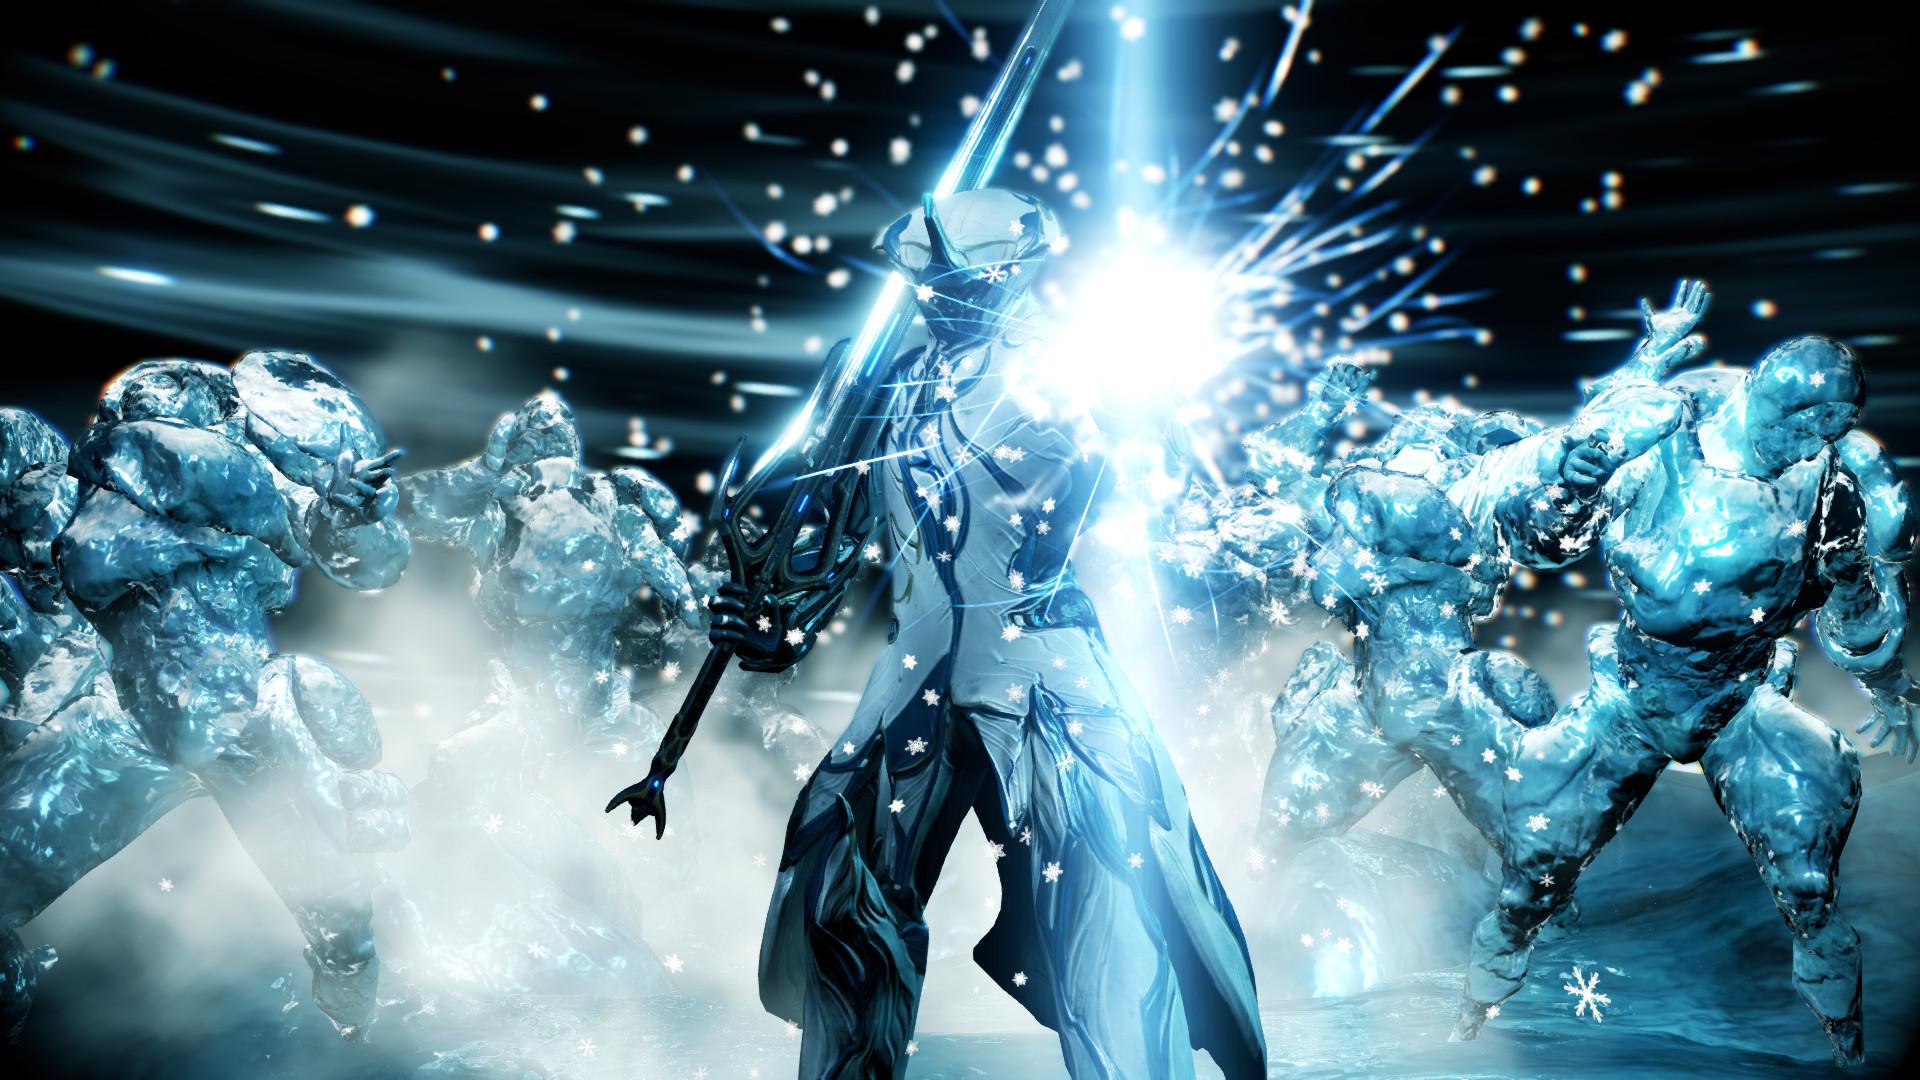 Warframe Wallpaper Frost Frost: